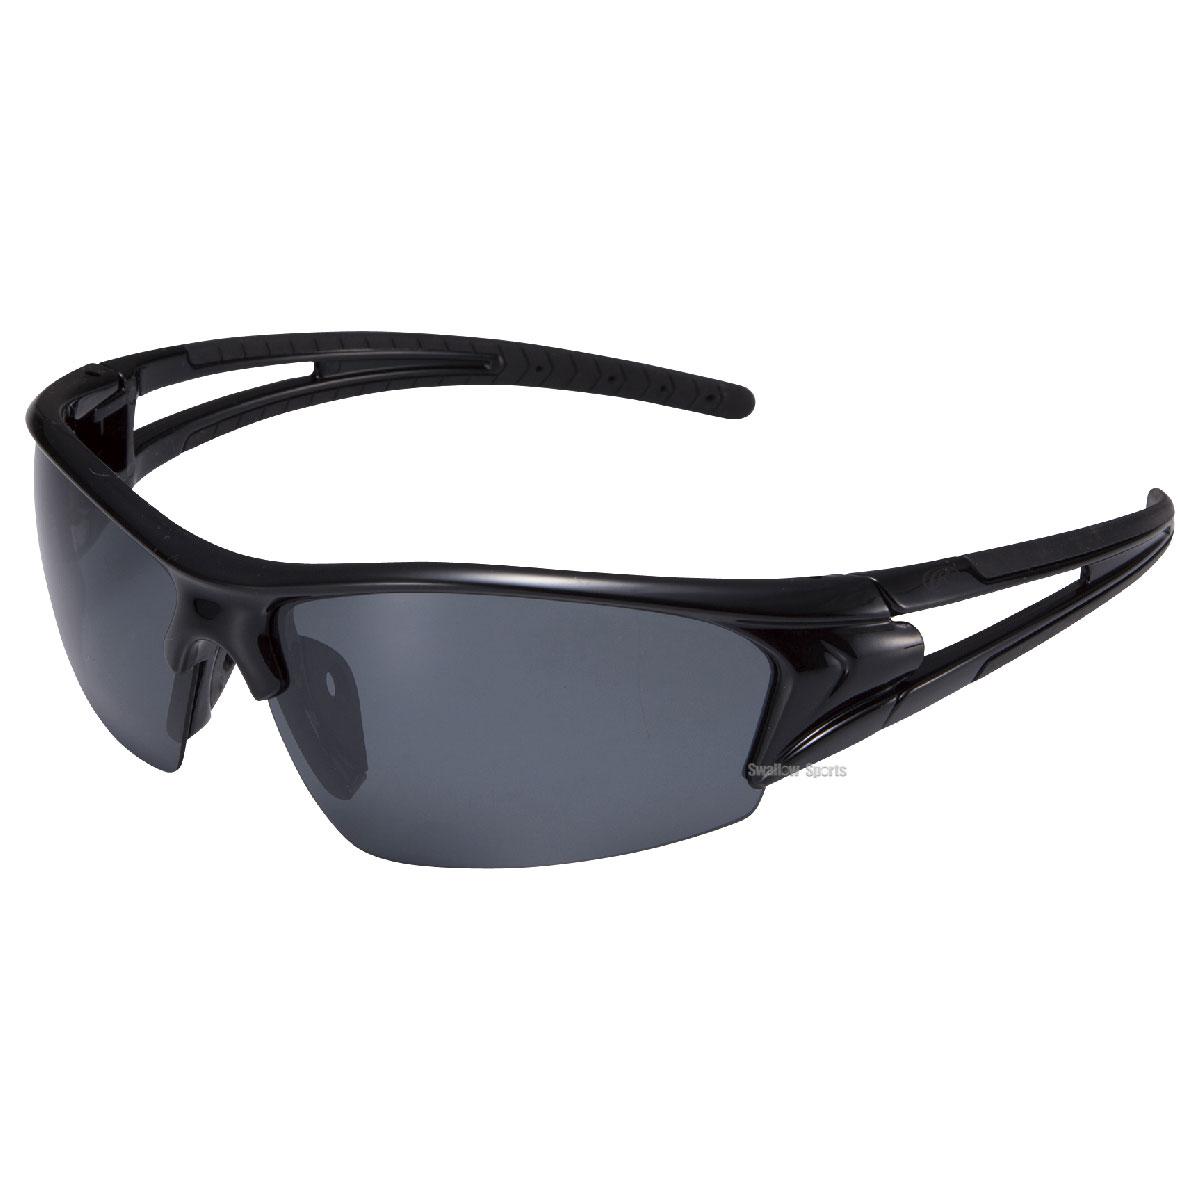 ローリングス 野球 サングラス アクセサリー 偏光レンズ 高校野球対応 S18S2B アイウェア スポカジ ファッション 野球用品 スワロースポーツ